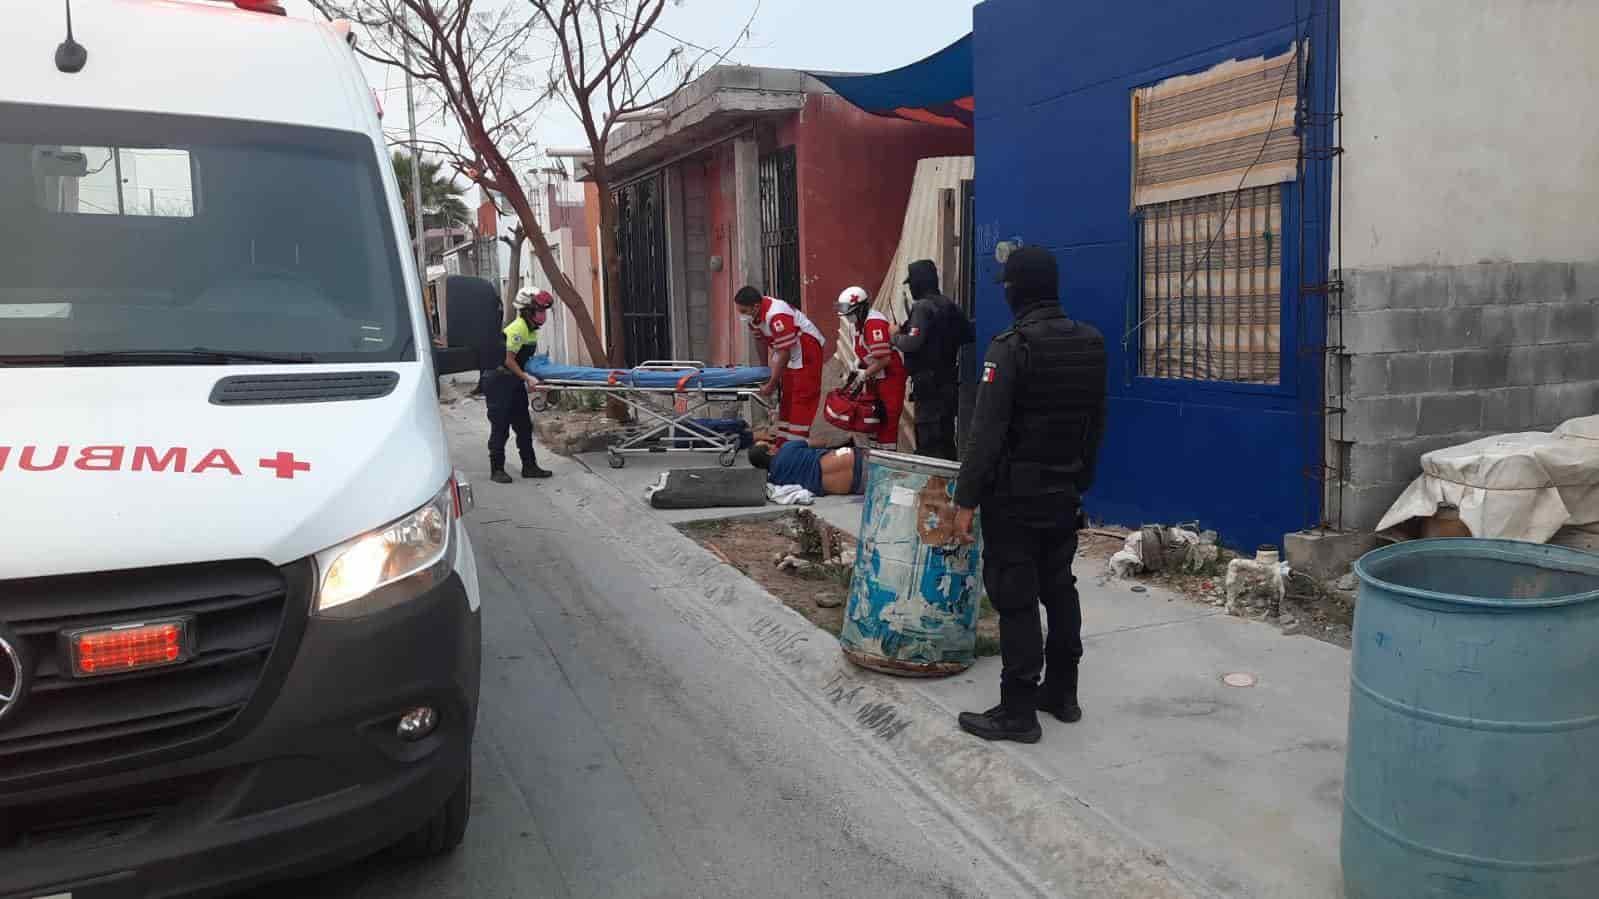 Con un balazo en la cadera resultó un hombre luego de ser atacado  en su domicilio